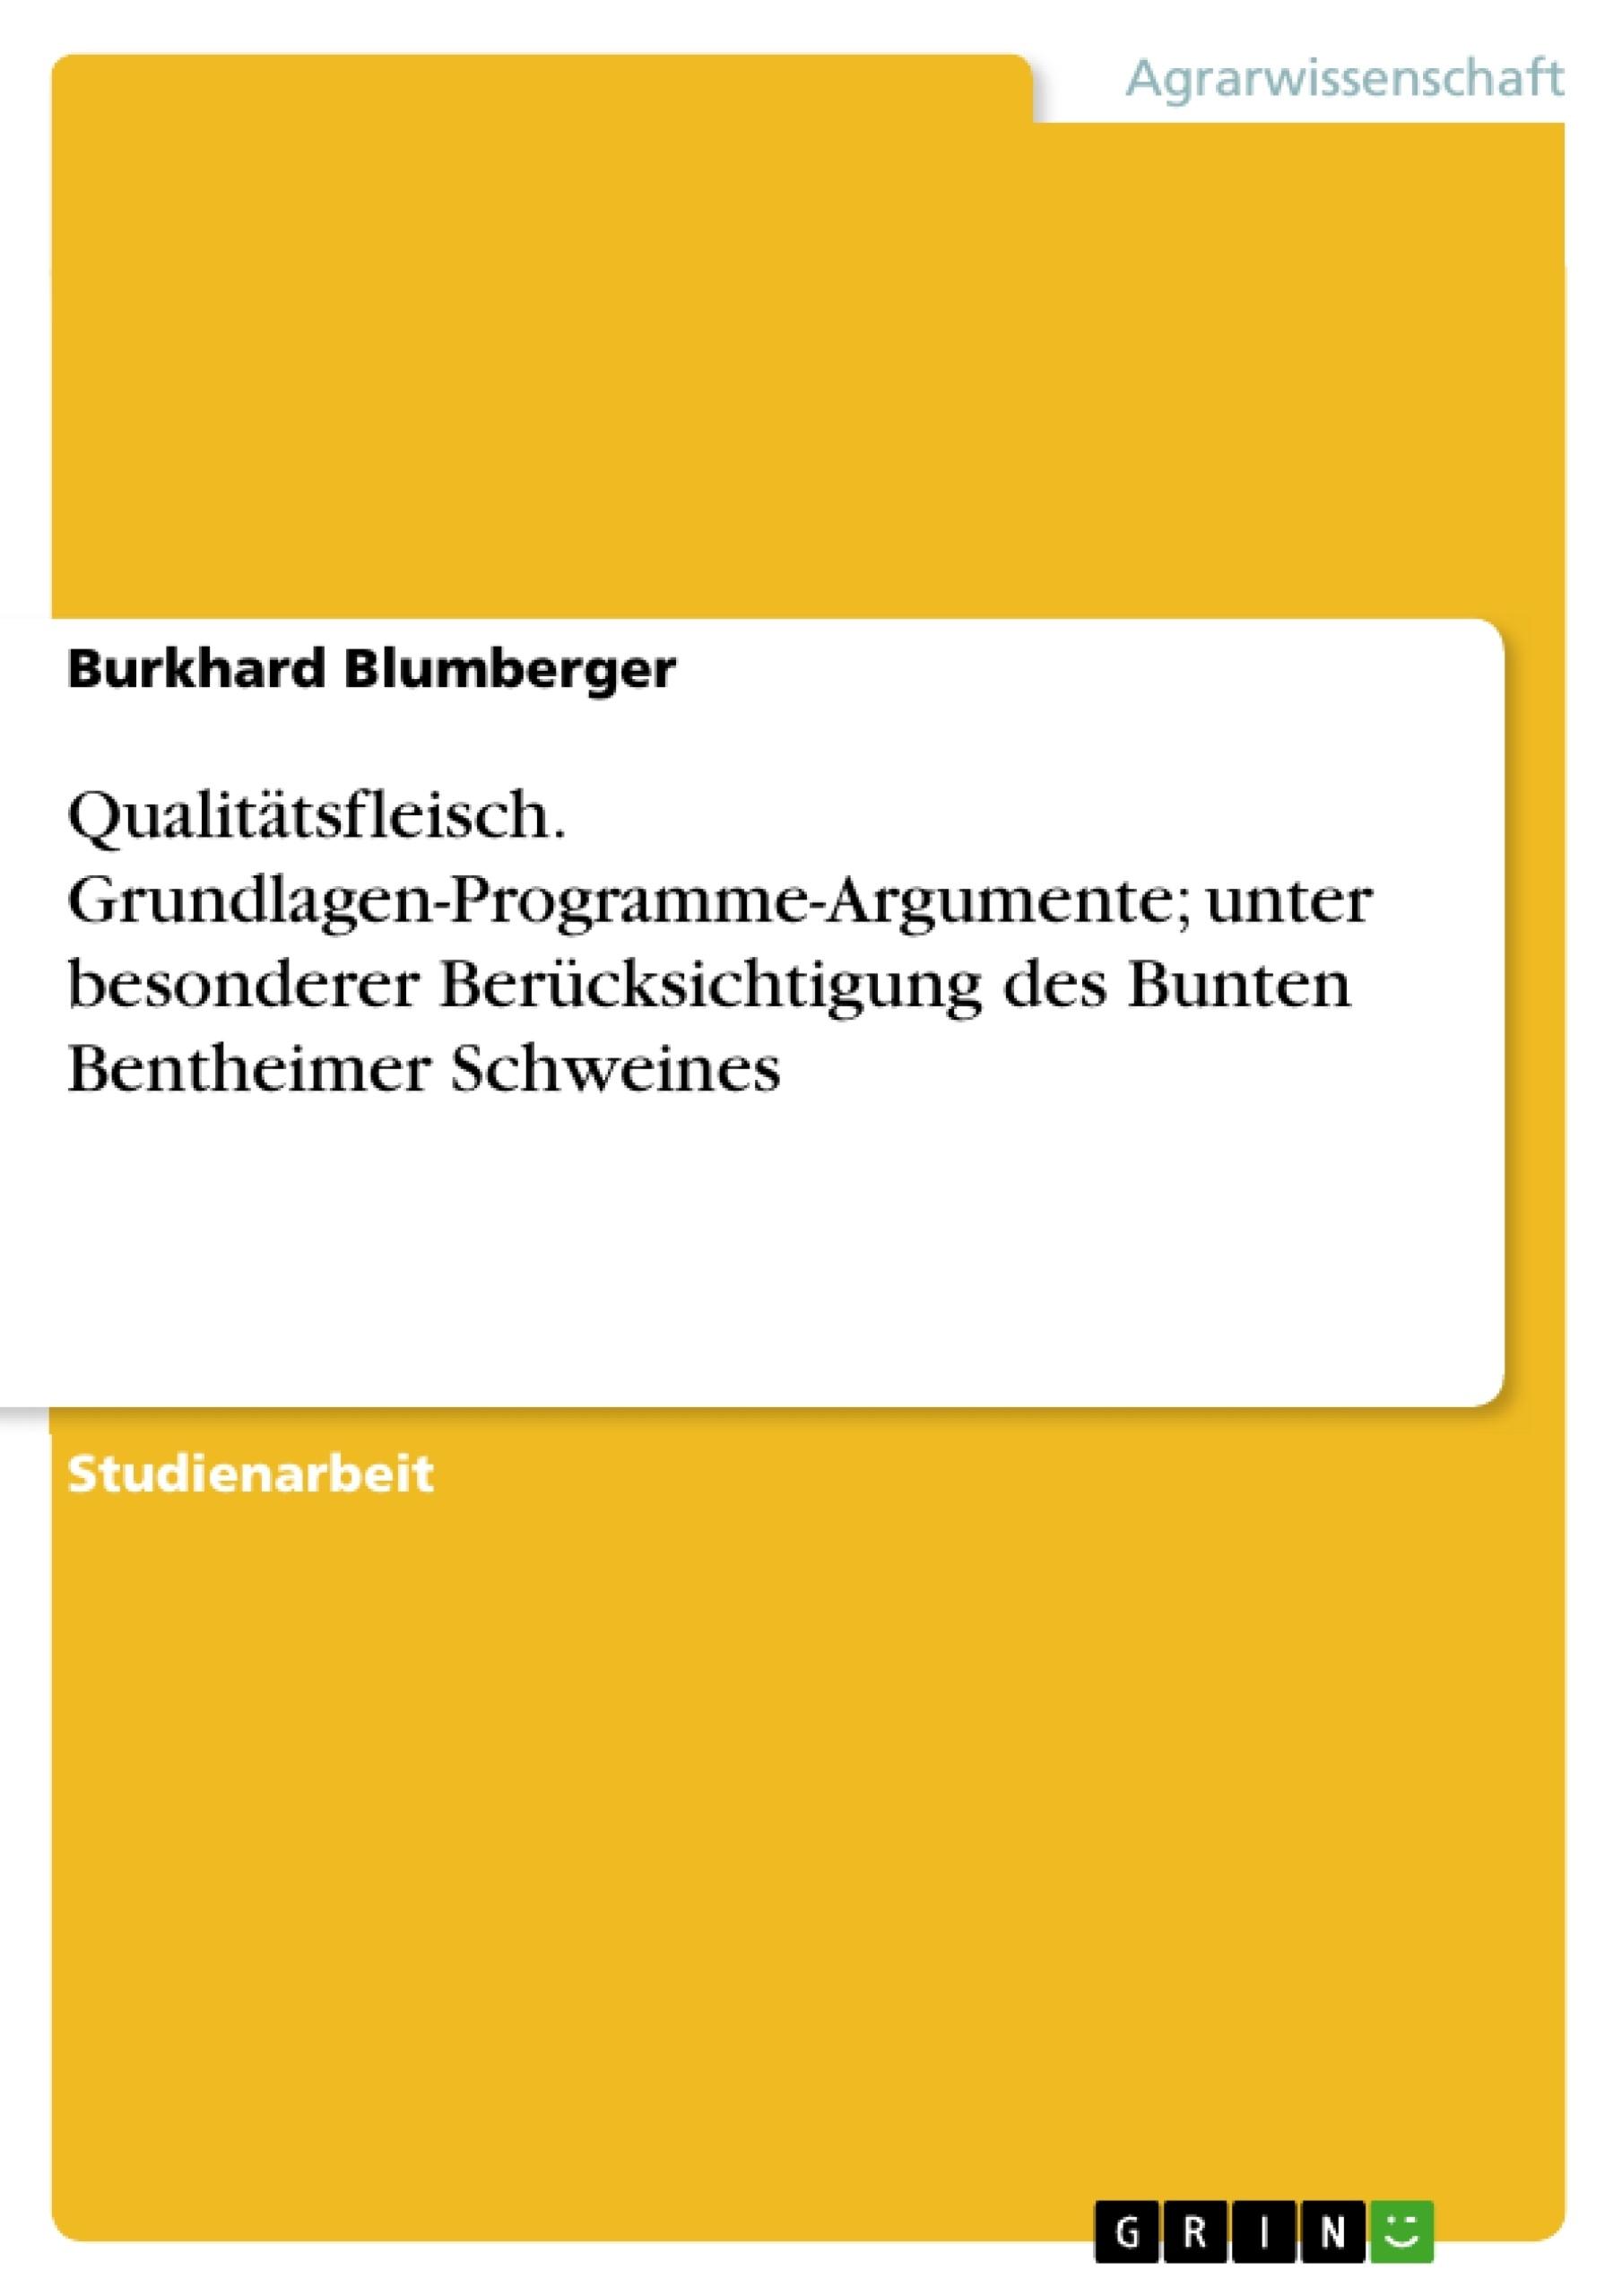 Titel: Qualitätsfleisch. Grundlagen-Programme-Argumente; unter besonderer Berücksichtigung des Bunten Bentheimer Schweines